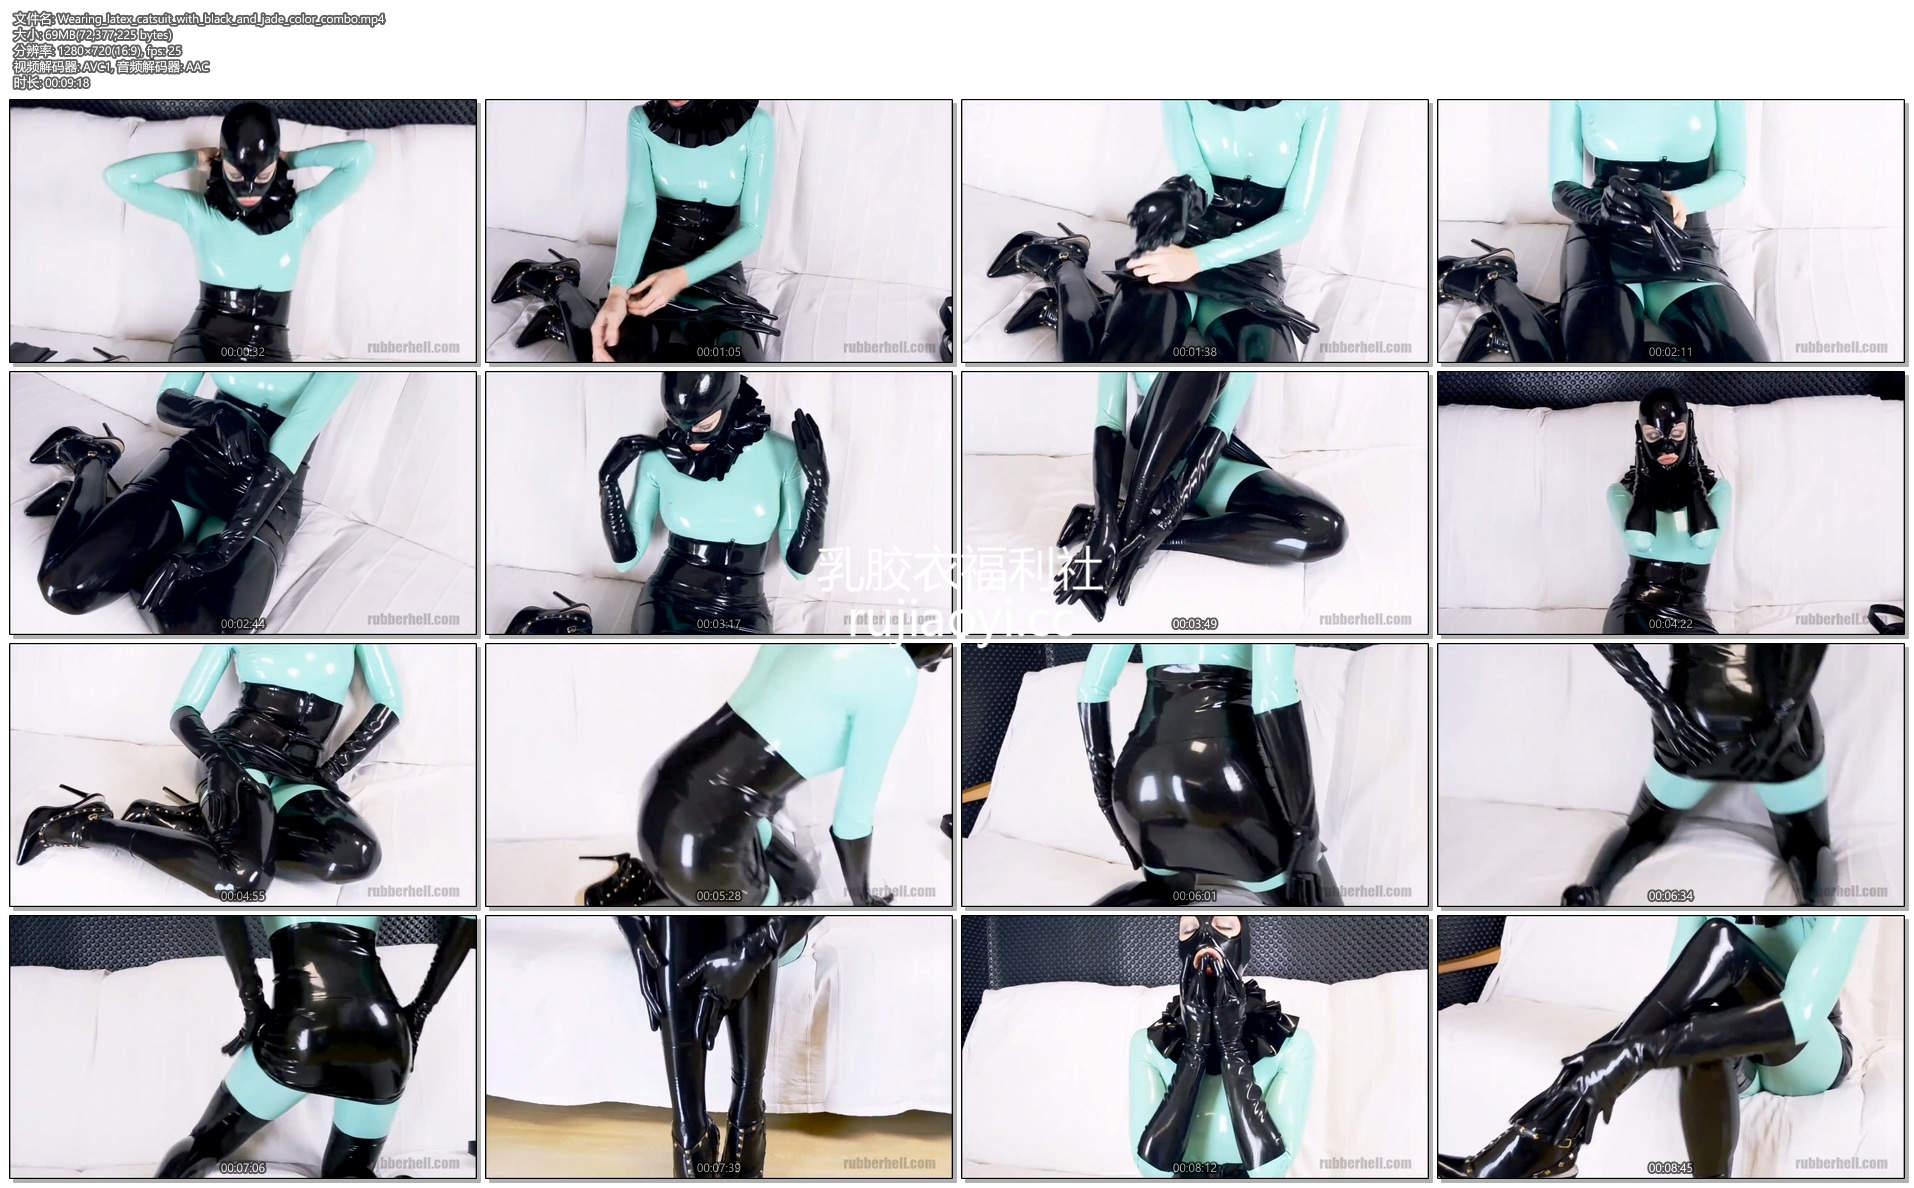 [永V专享-独家精品乳胶衣视频] 少妇穿着黑色和翡翠色乳胶紧身衣和手套-720P高清视频 [1V/69M]